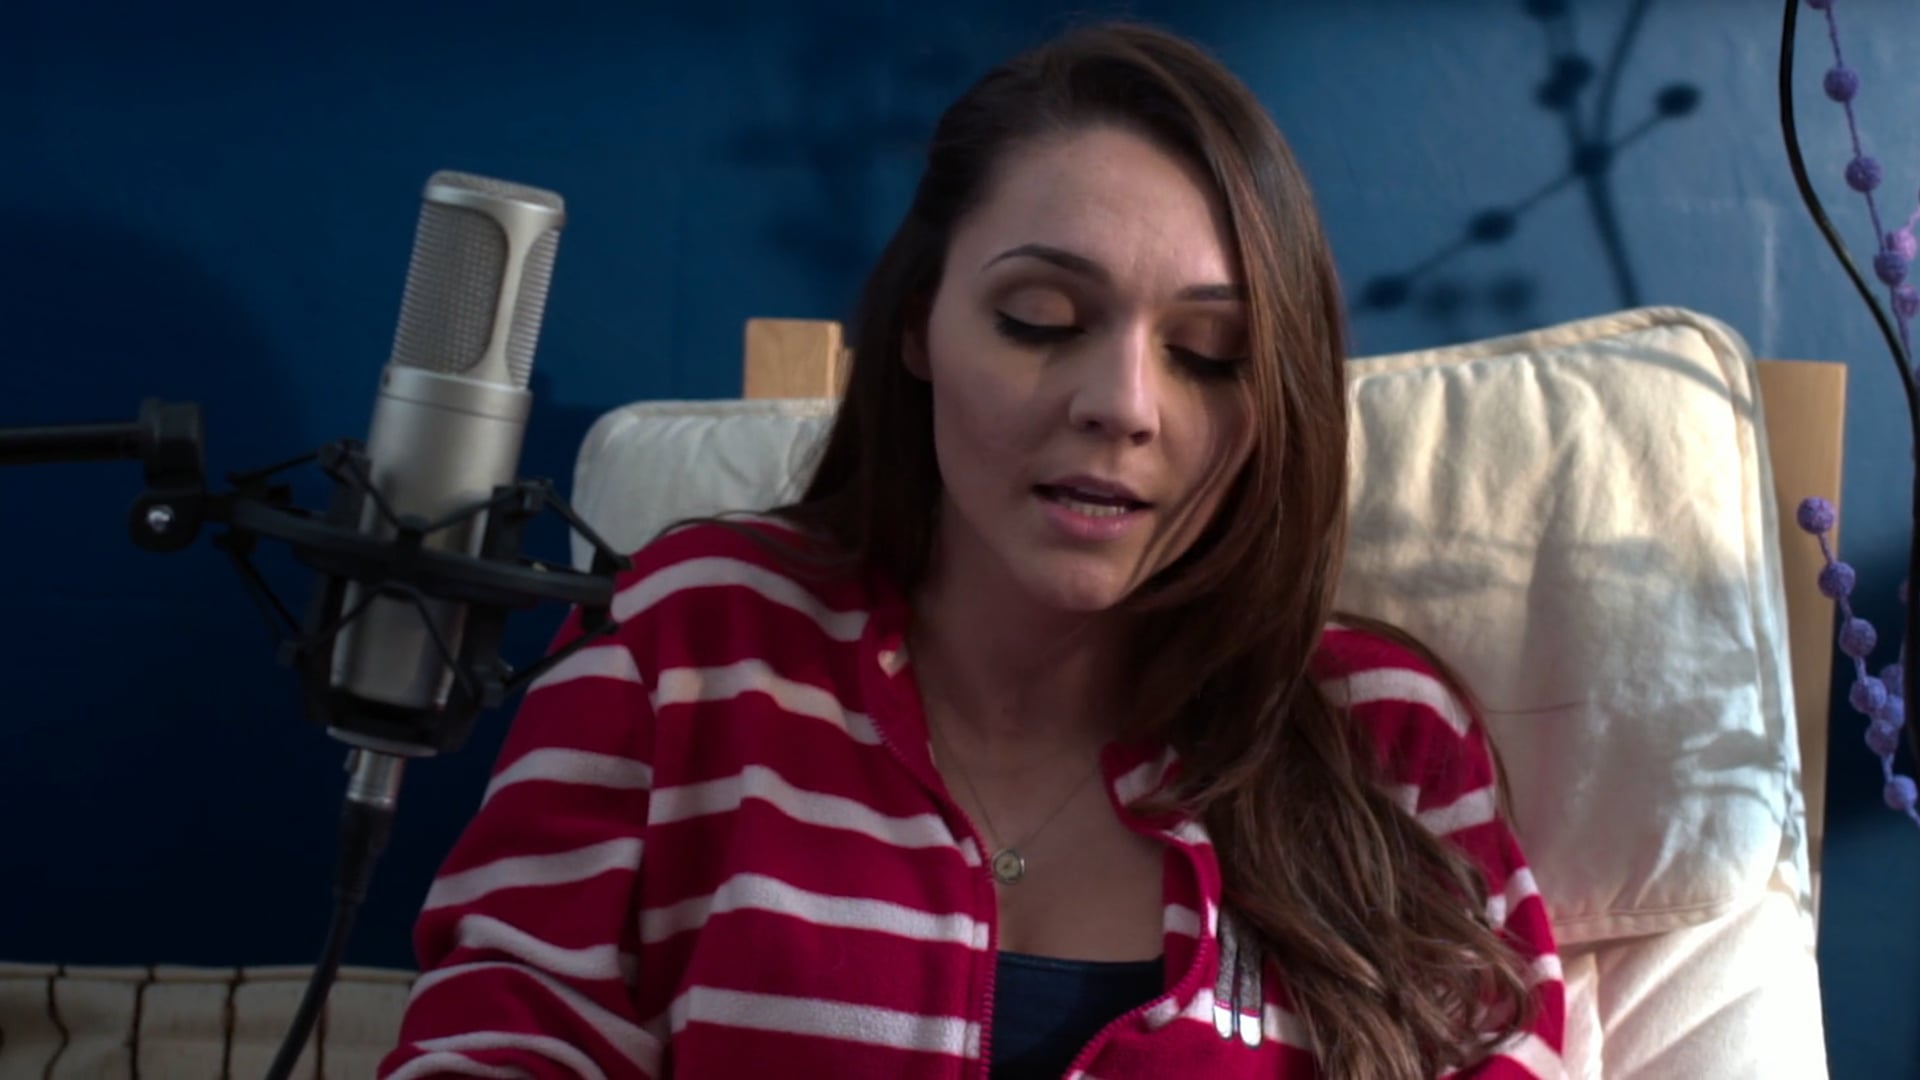 Lara Basakinci | Music Video